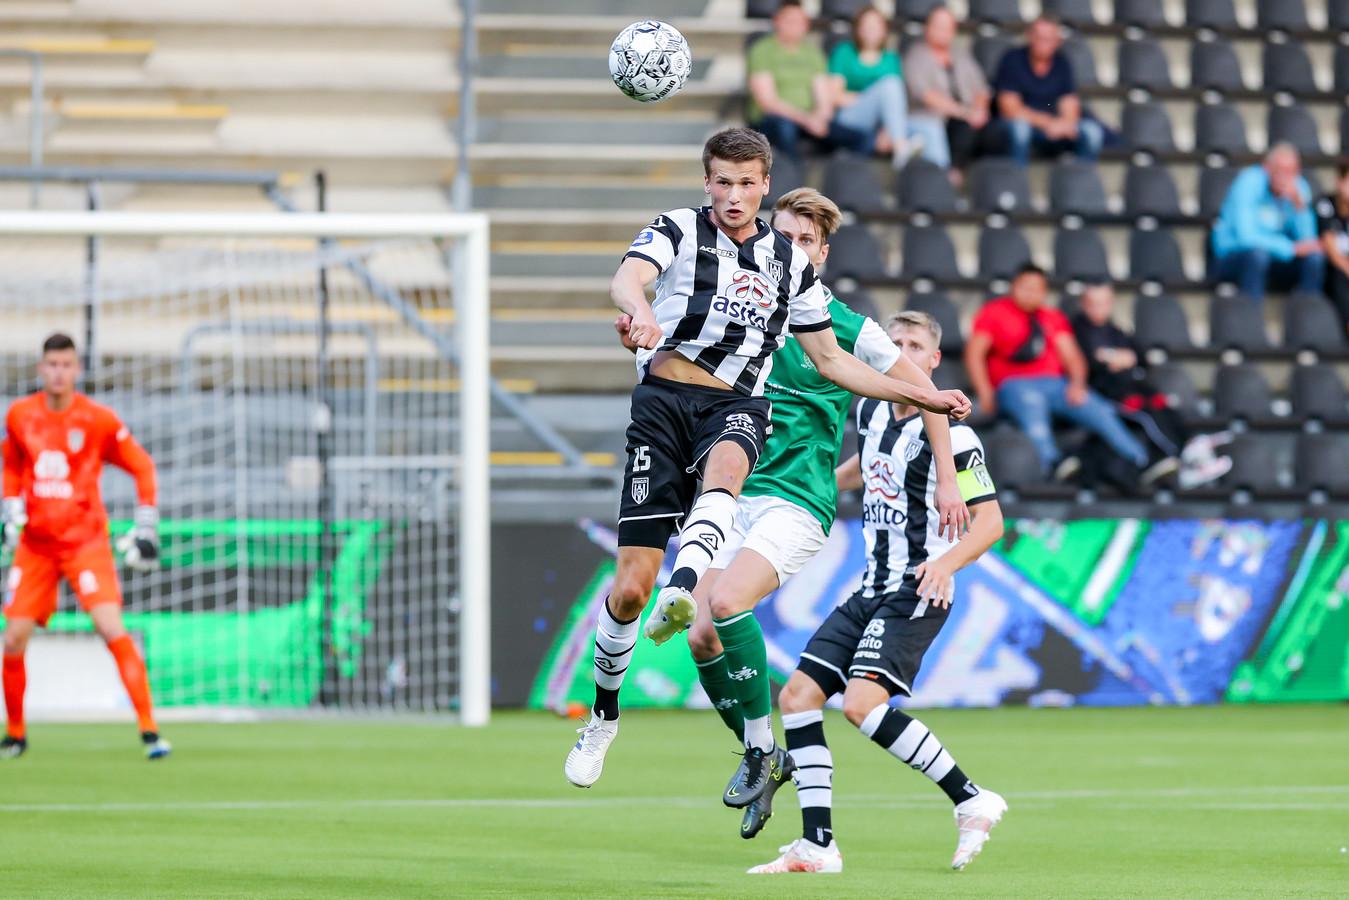 Lucas Schoofs kopt de bal weg voordat Jules Stokkers erbij kan komen.